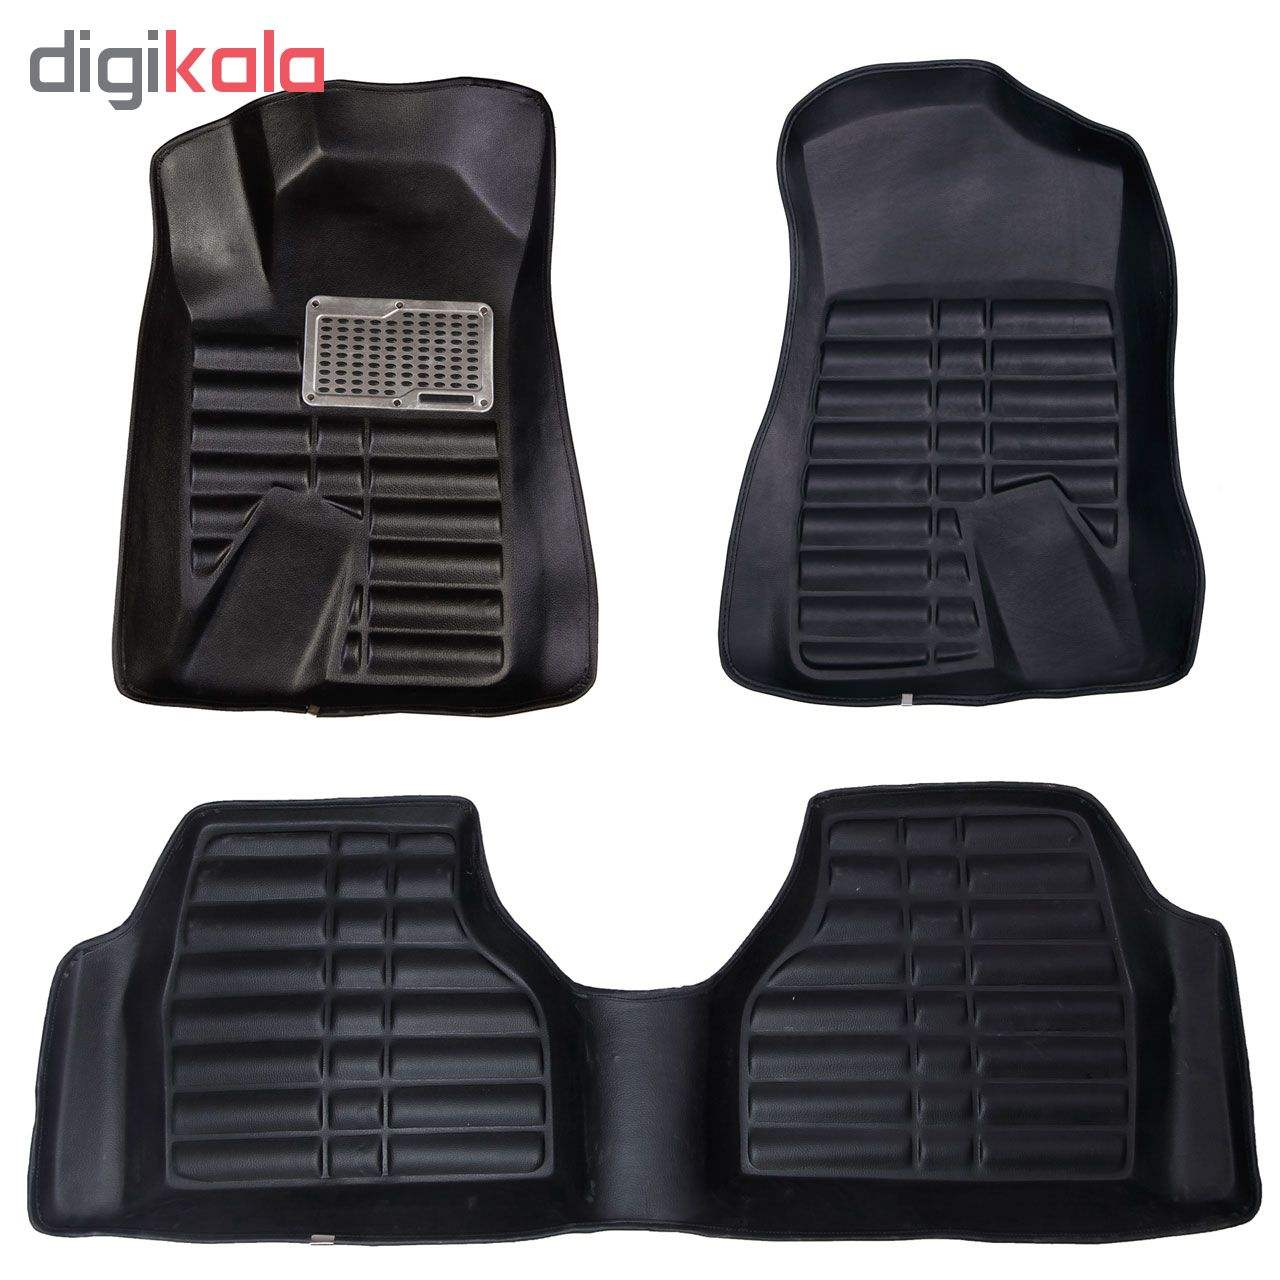 کفپوش سه بعدی خودرو مدل پالیز مناسب برای دنا-سمند-پژو 405-پارس main 1 11